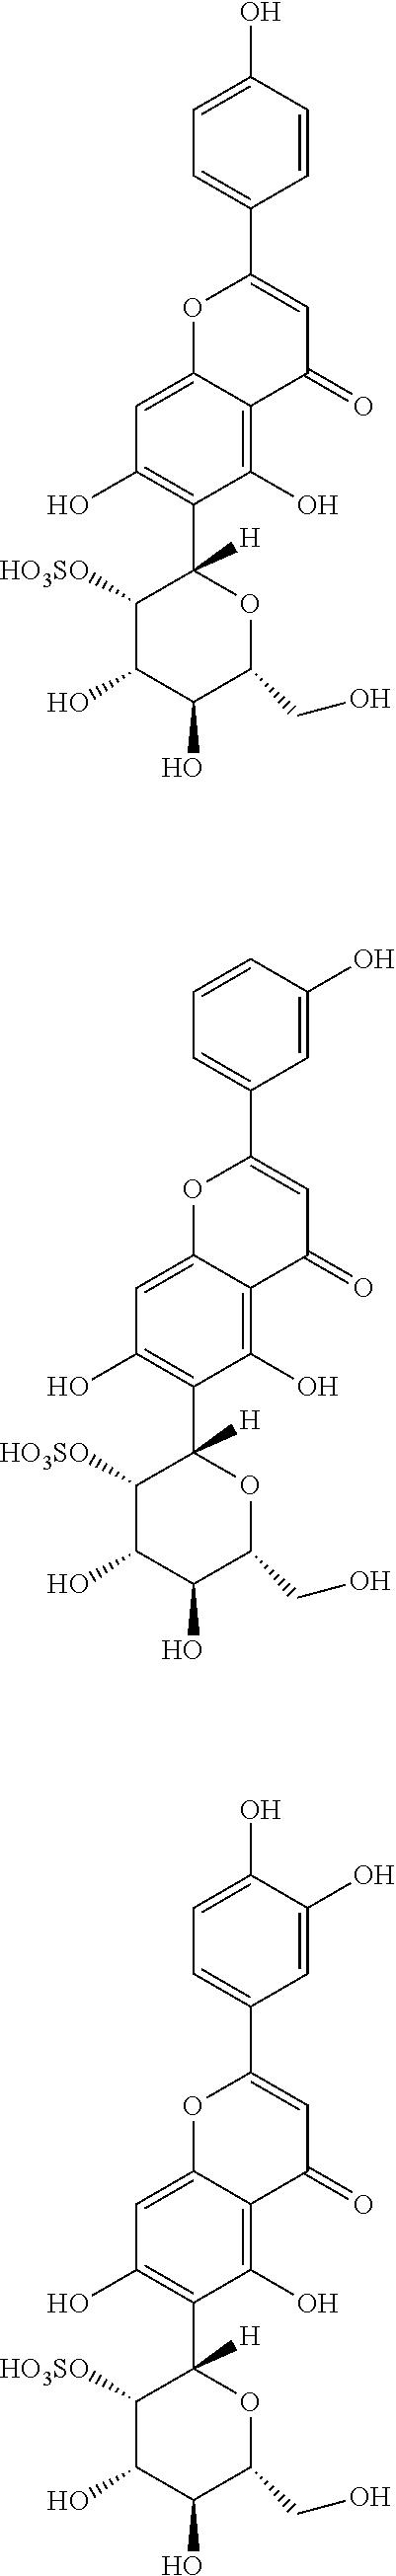 Figure US09962344-20180508-C00184